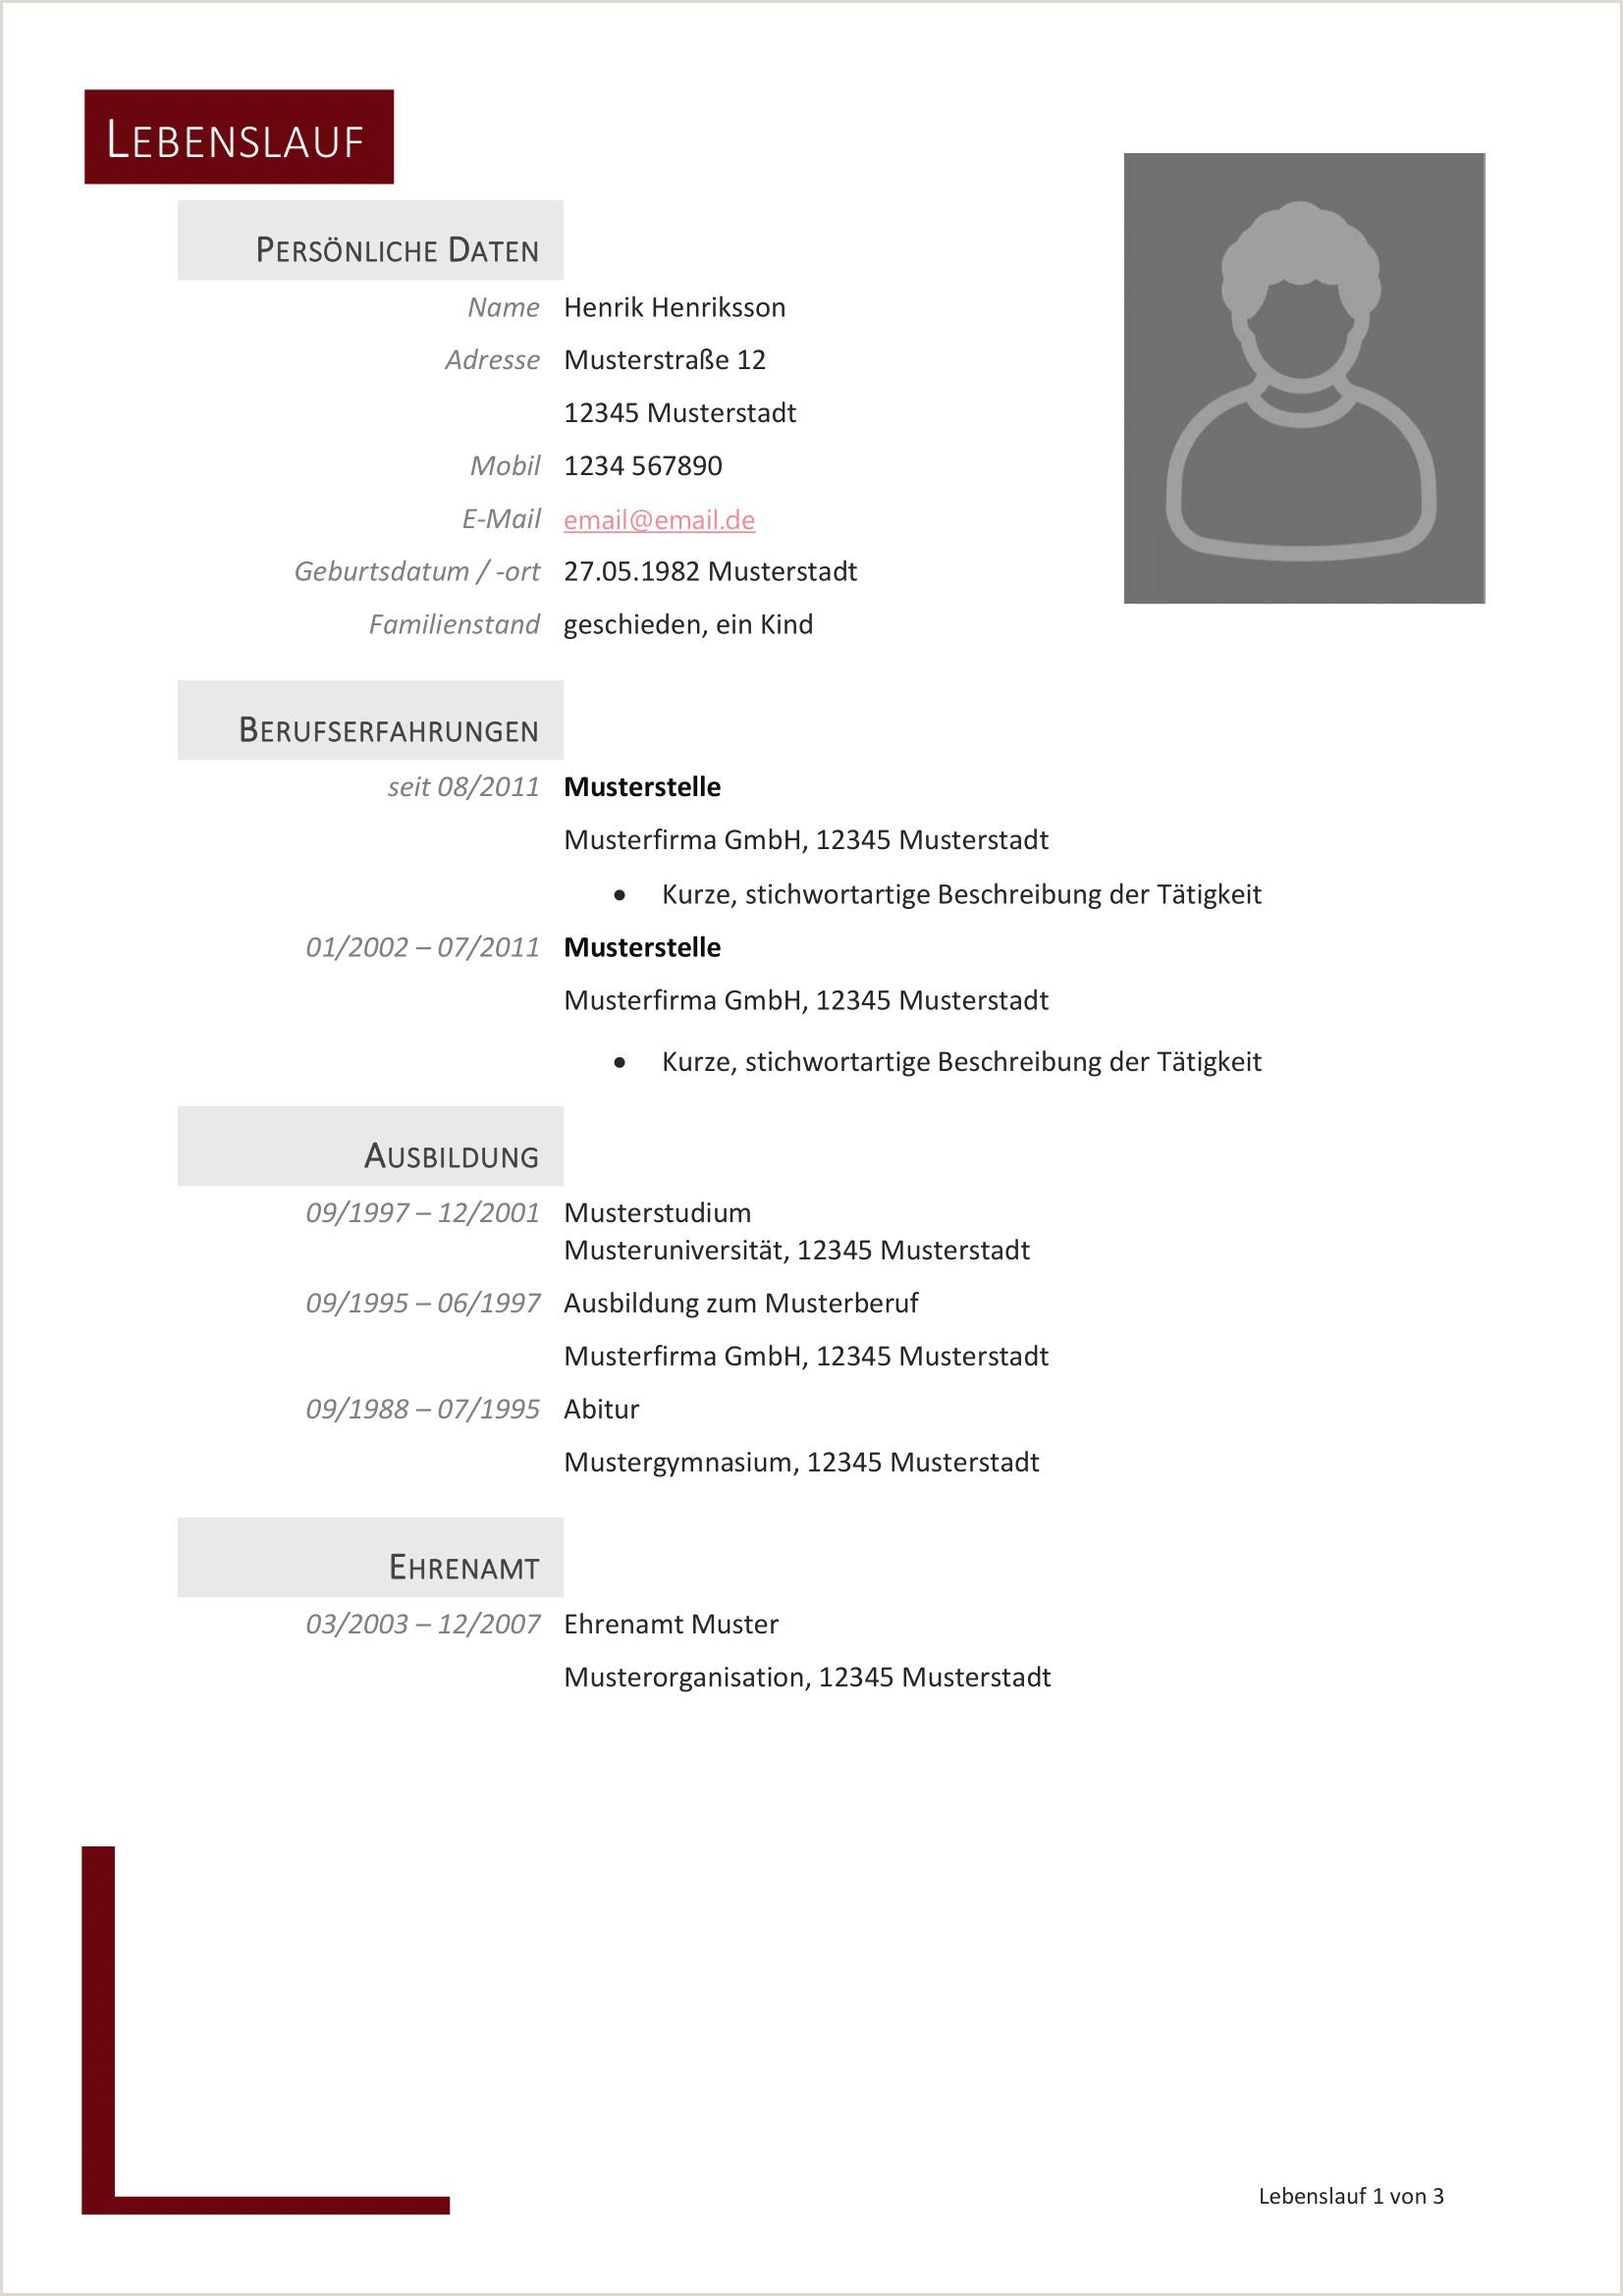 Lebenslauf Muster Word Kostenlos Download Lebenslauf Vorlage Download Neu Lebenslauf Muster 34